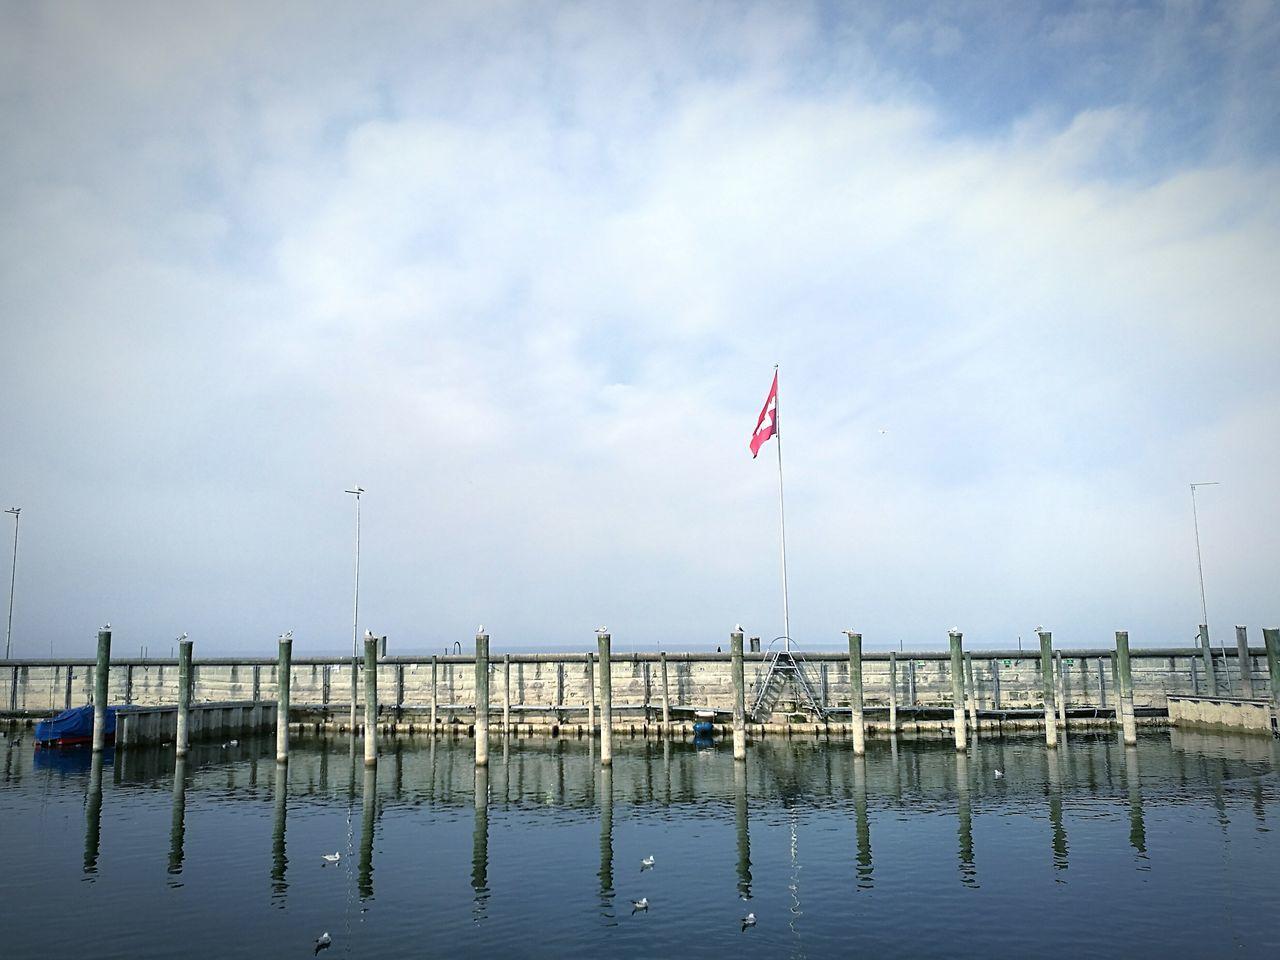 🐦🇨🇭🌍 Seagulls Lake Reflection Nature Switzerland